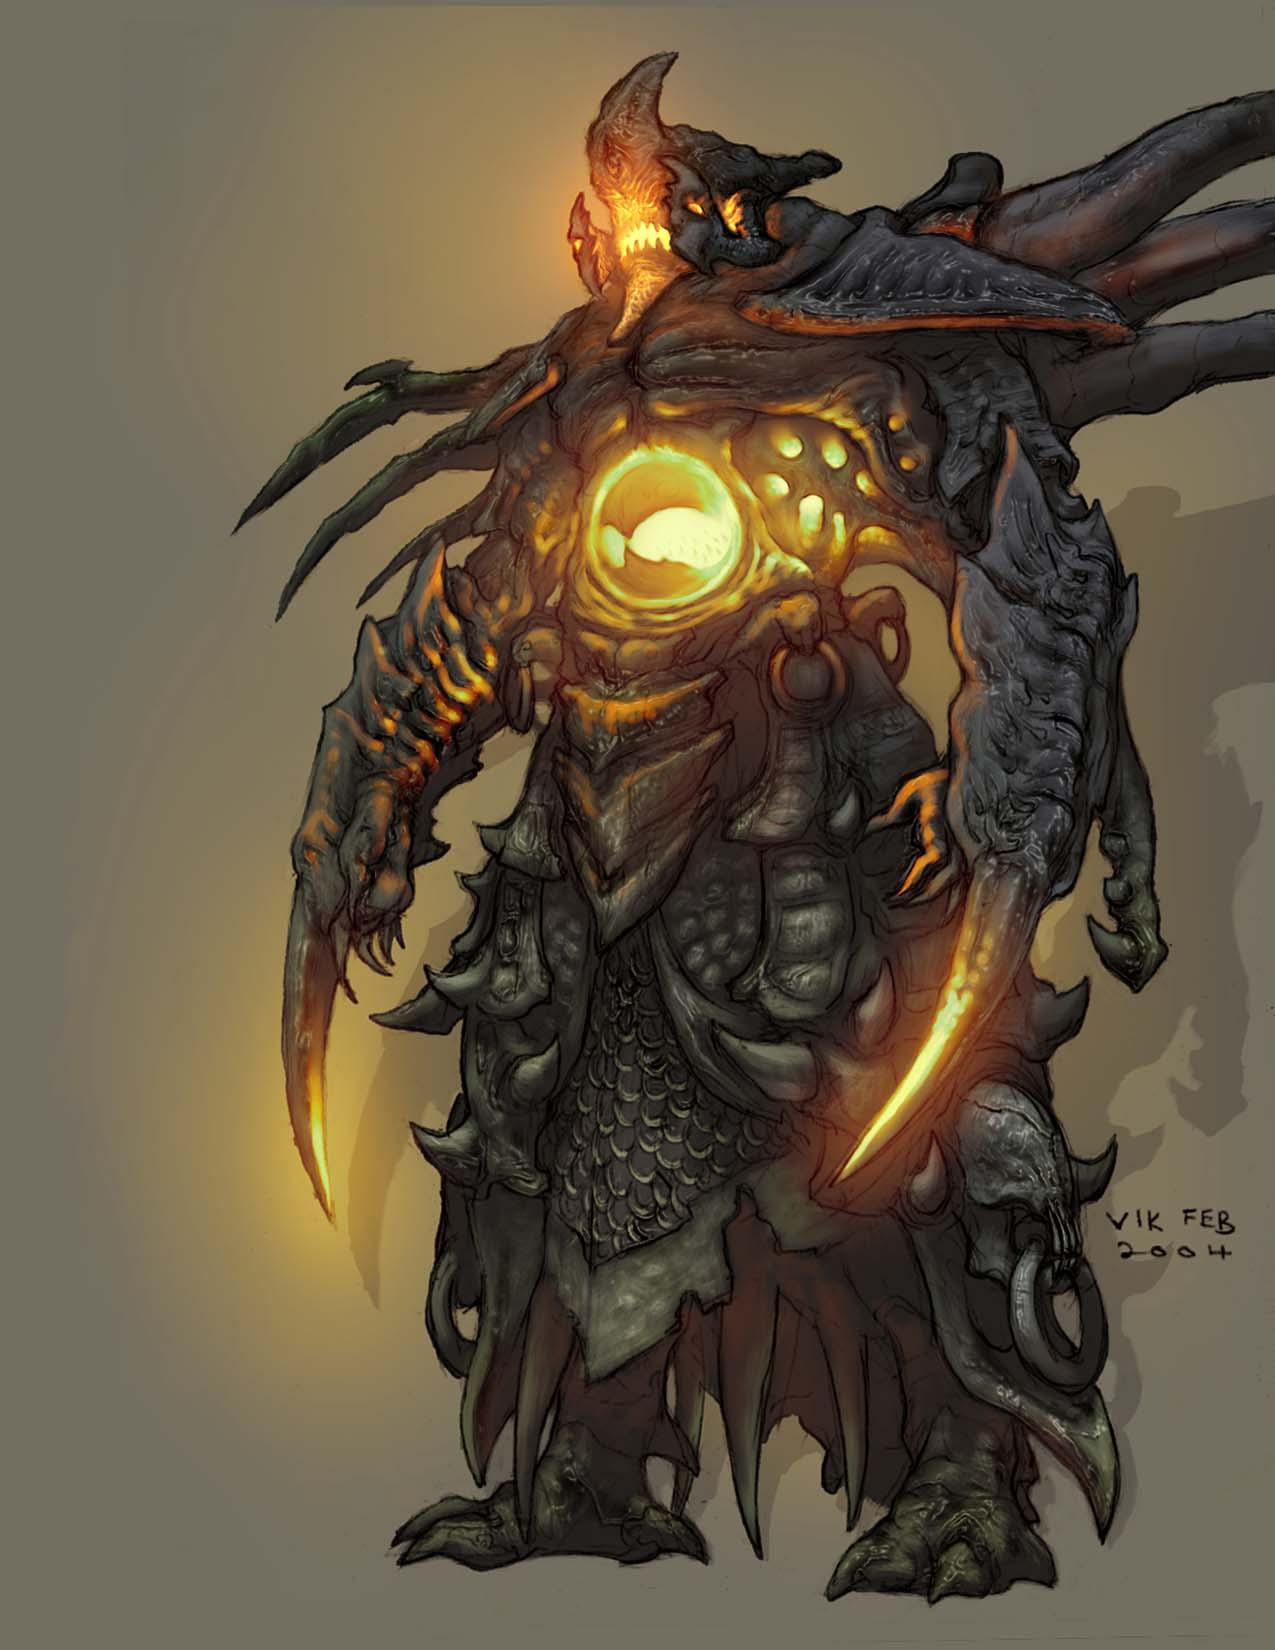 Эксклюзивный арт Diablo III - Изображение 7